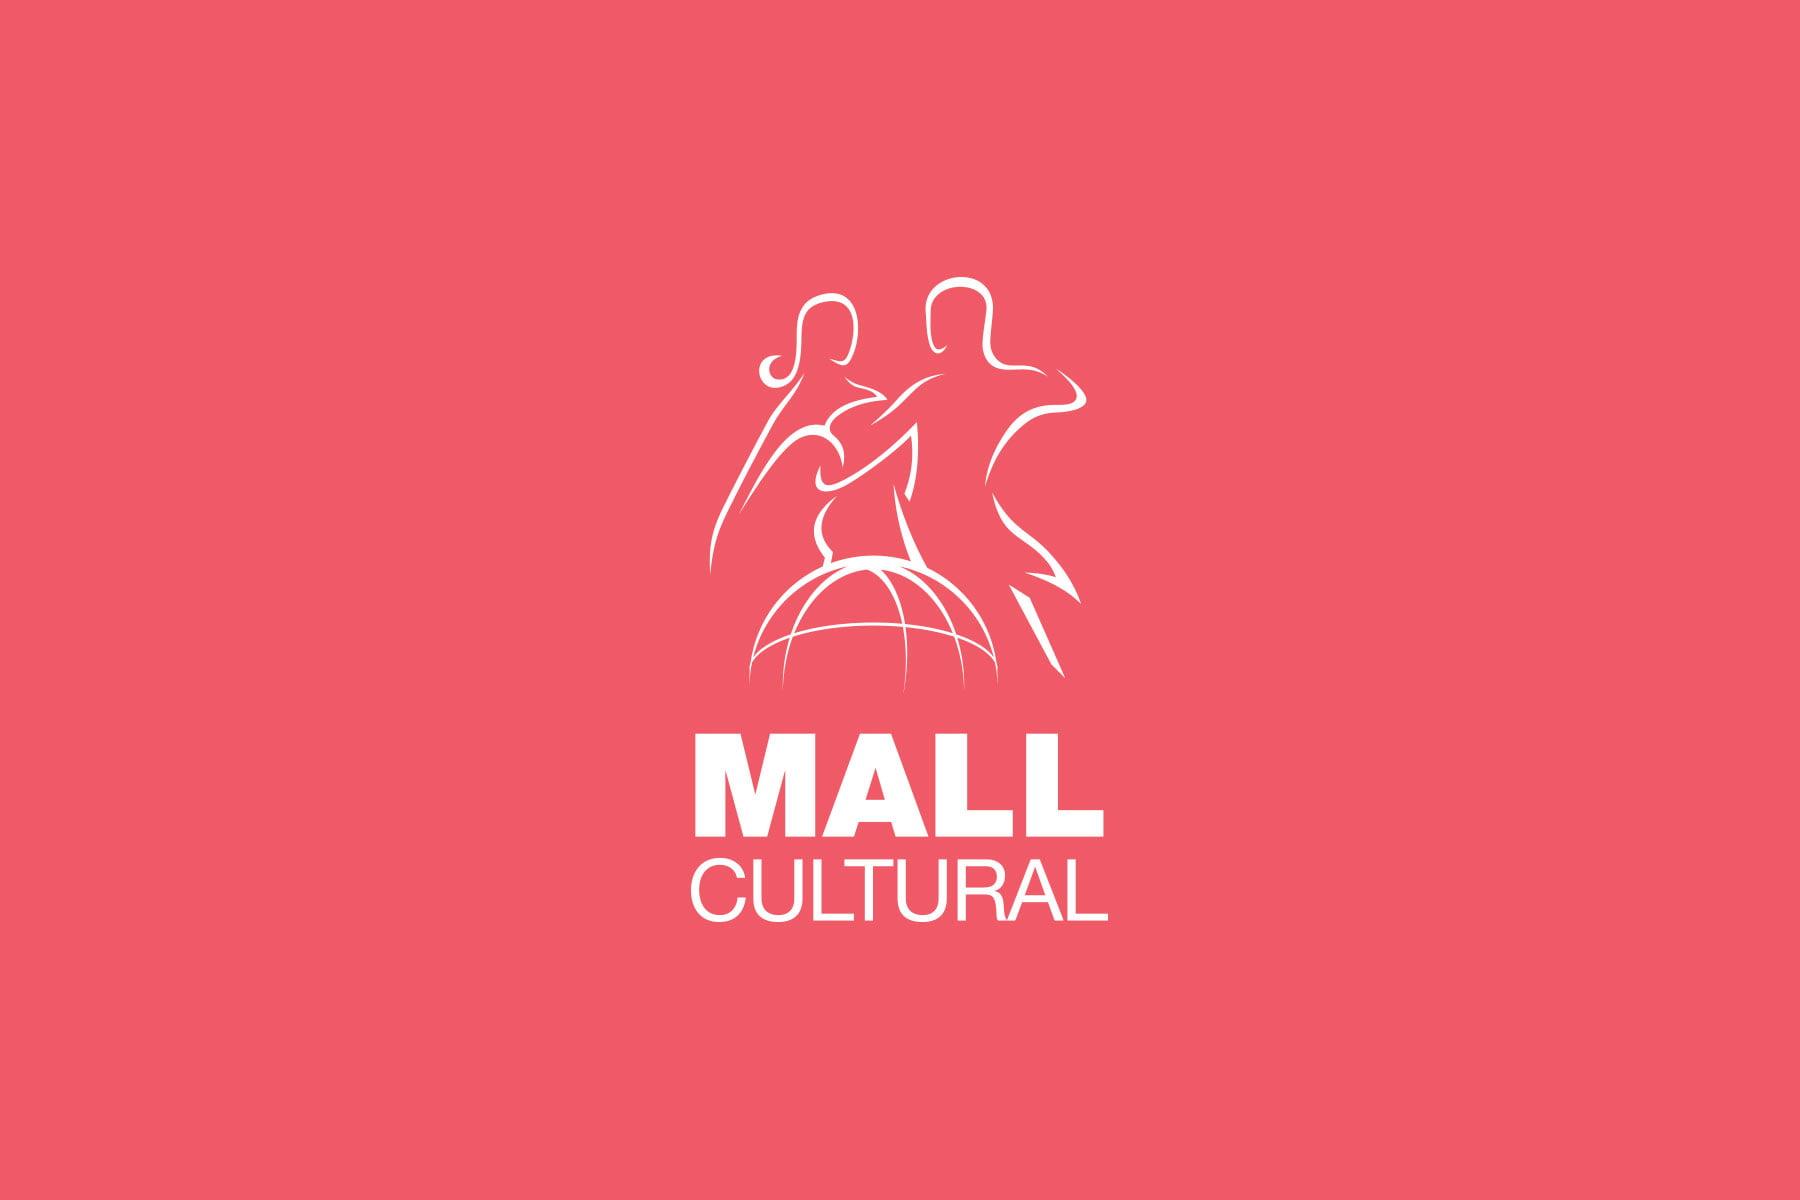 Logo design pentru Mall Cultural - un proiect de popularizare a dansului tango in malluri